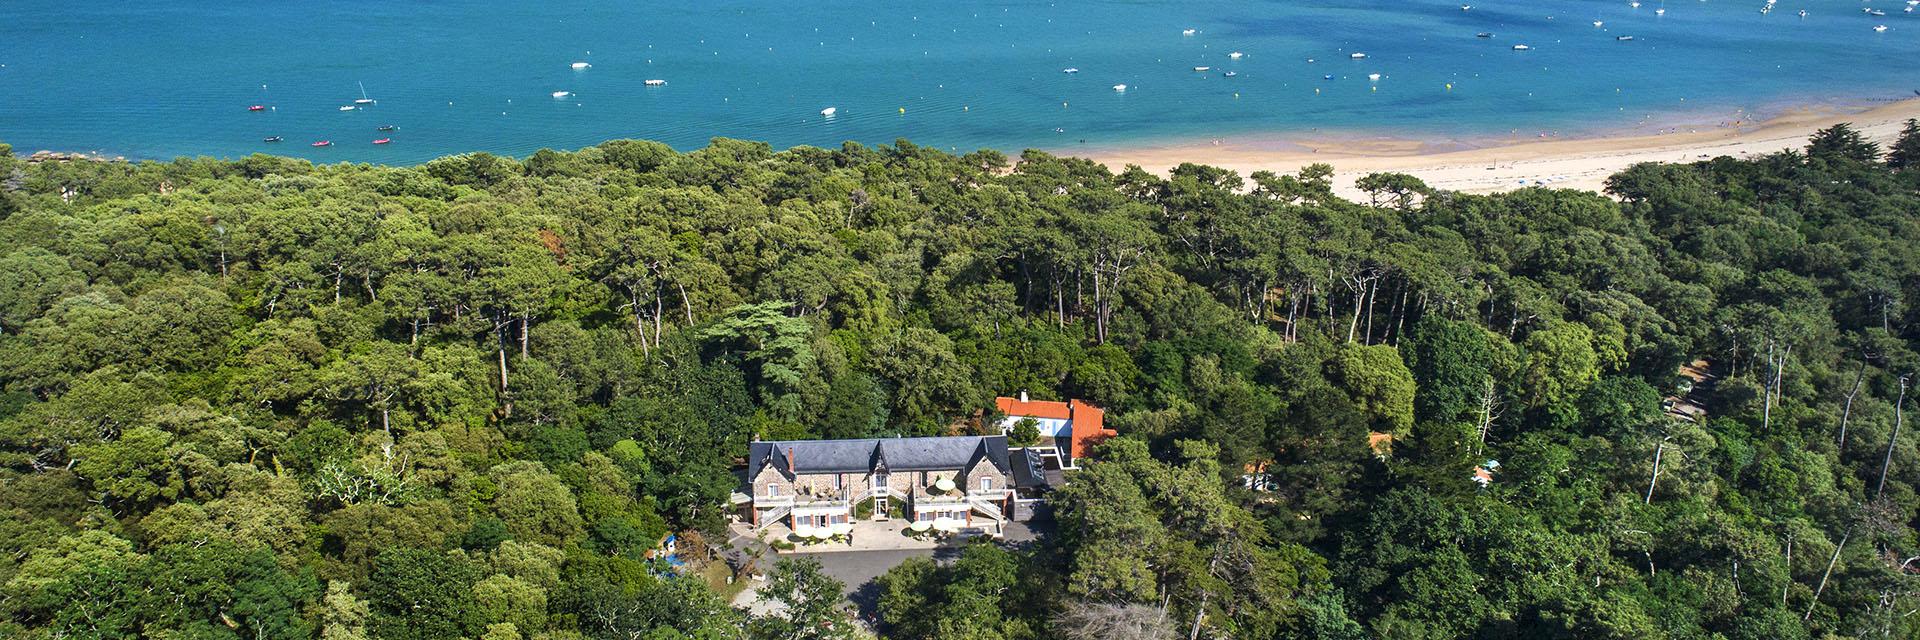 Noirmoutier, une île préservée - Koat Ar Mor